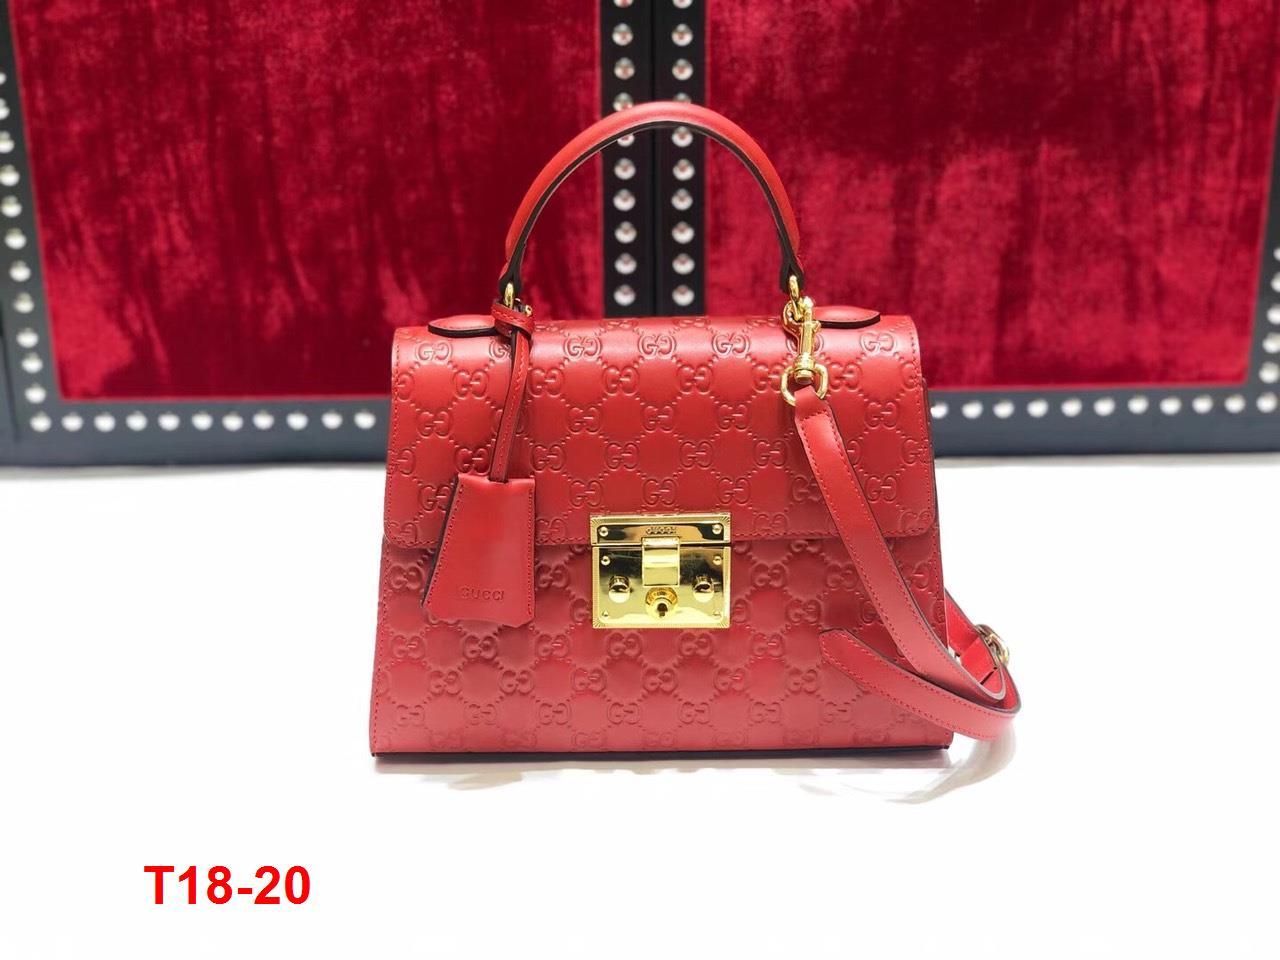 T18-20 Gucci túi size 28cm siêu cấp